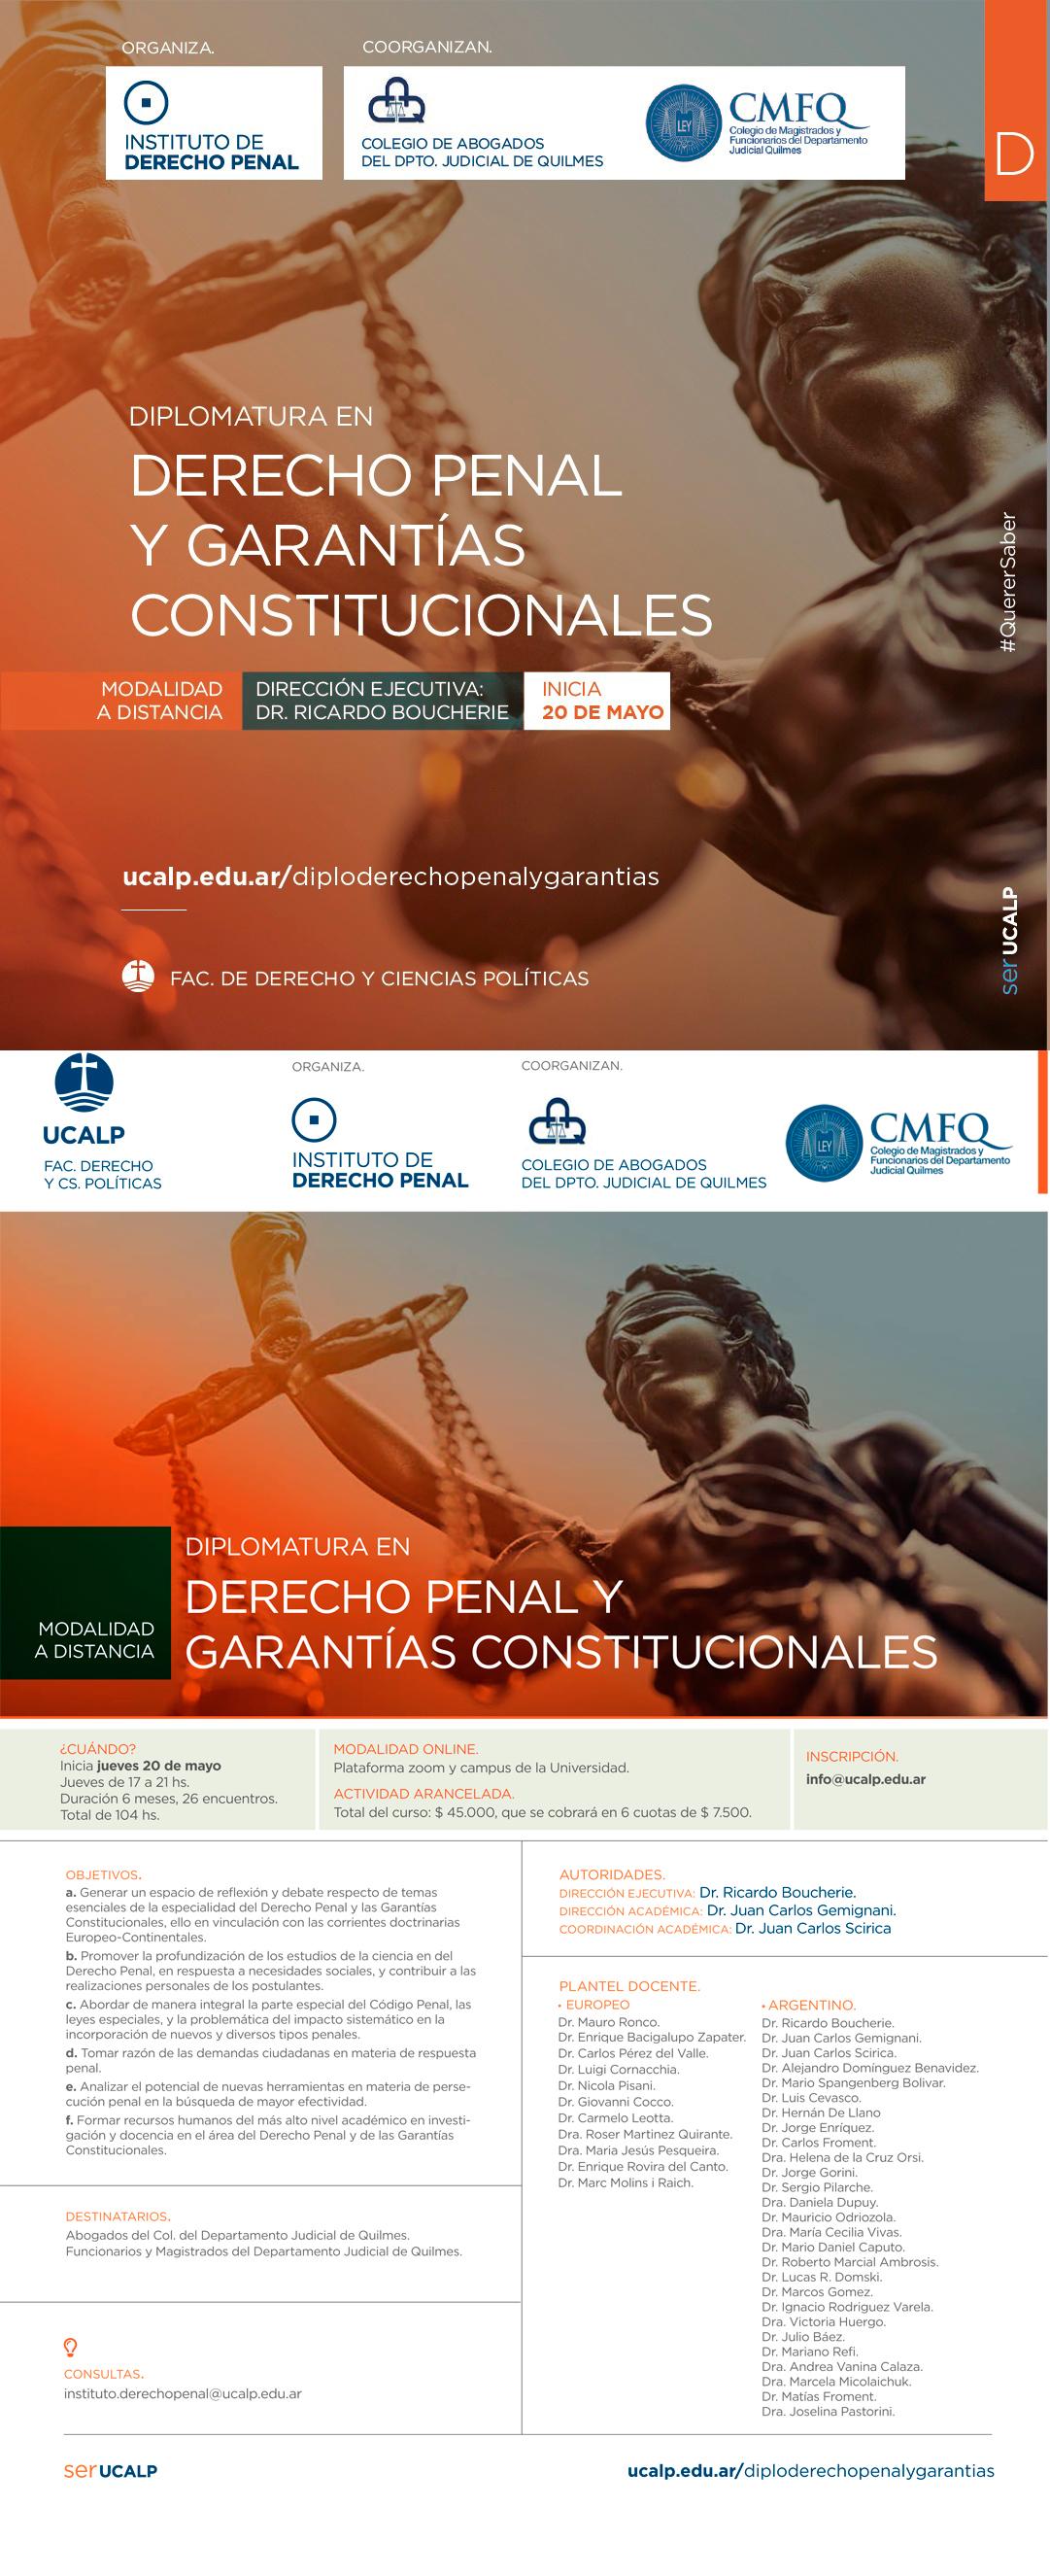 UUCALP - DIPLOMATURA EN DERECHO PENAL Y GARANTÍAS CONSTITUCIONALES